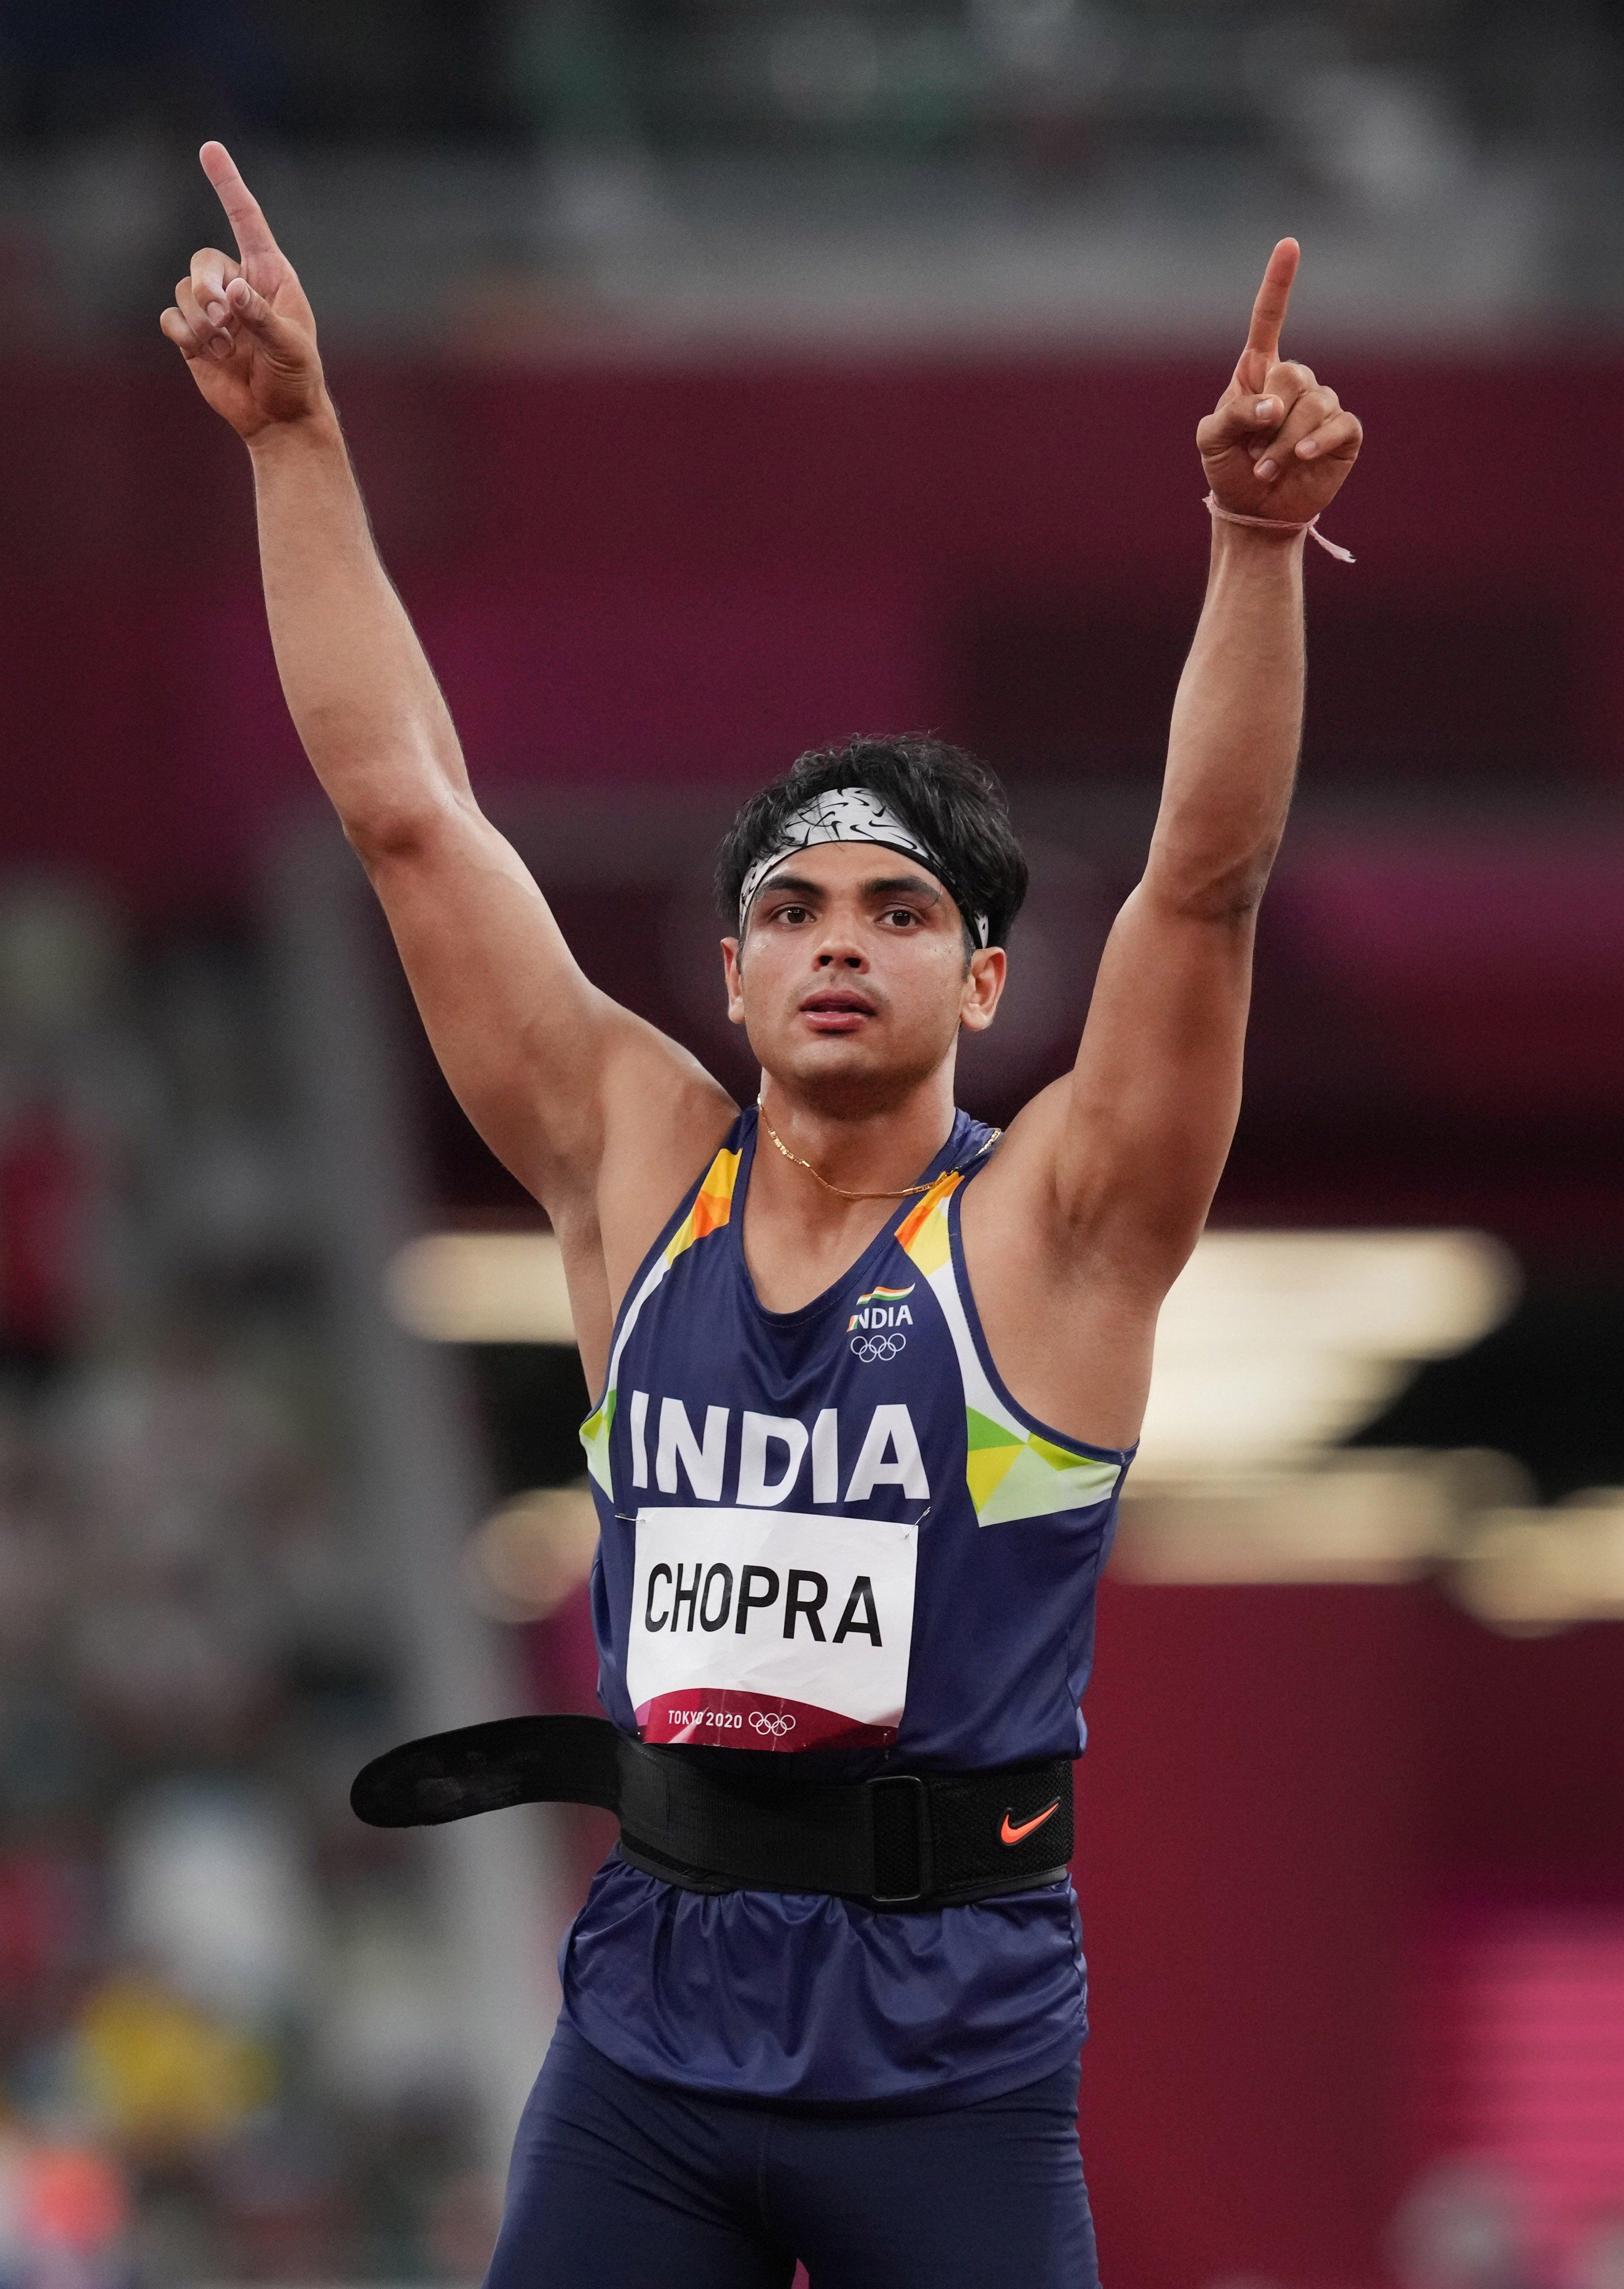 नीरज चोपड़ा ने गोल्ड जीतकर इतिहास रच दिया है।